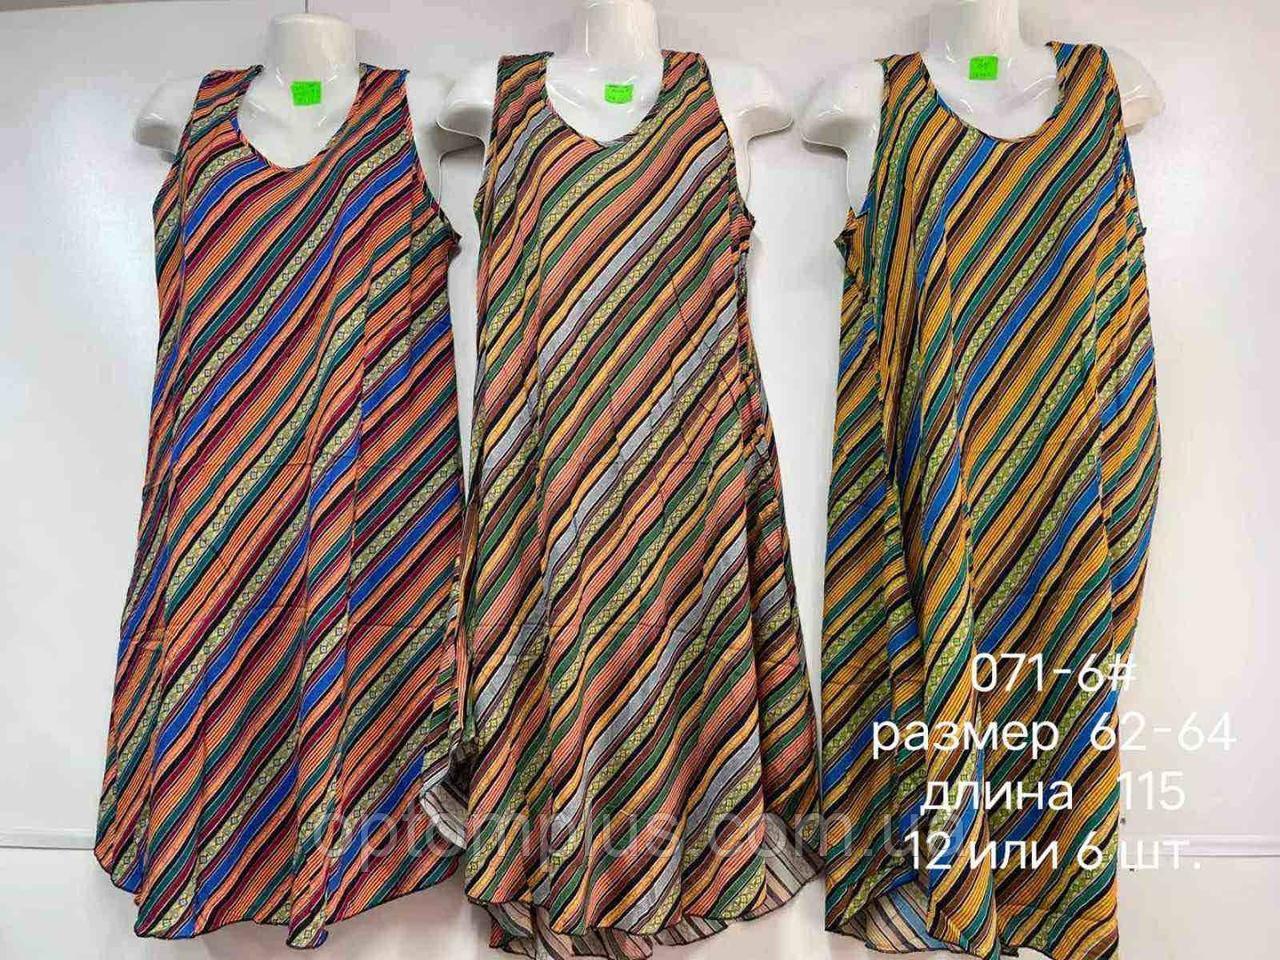 Сукні жіночі батал (62-64) купити оптом від складу 7 км